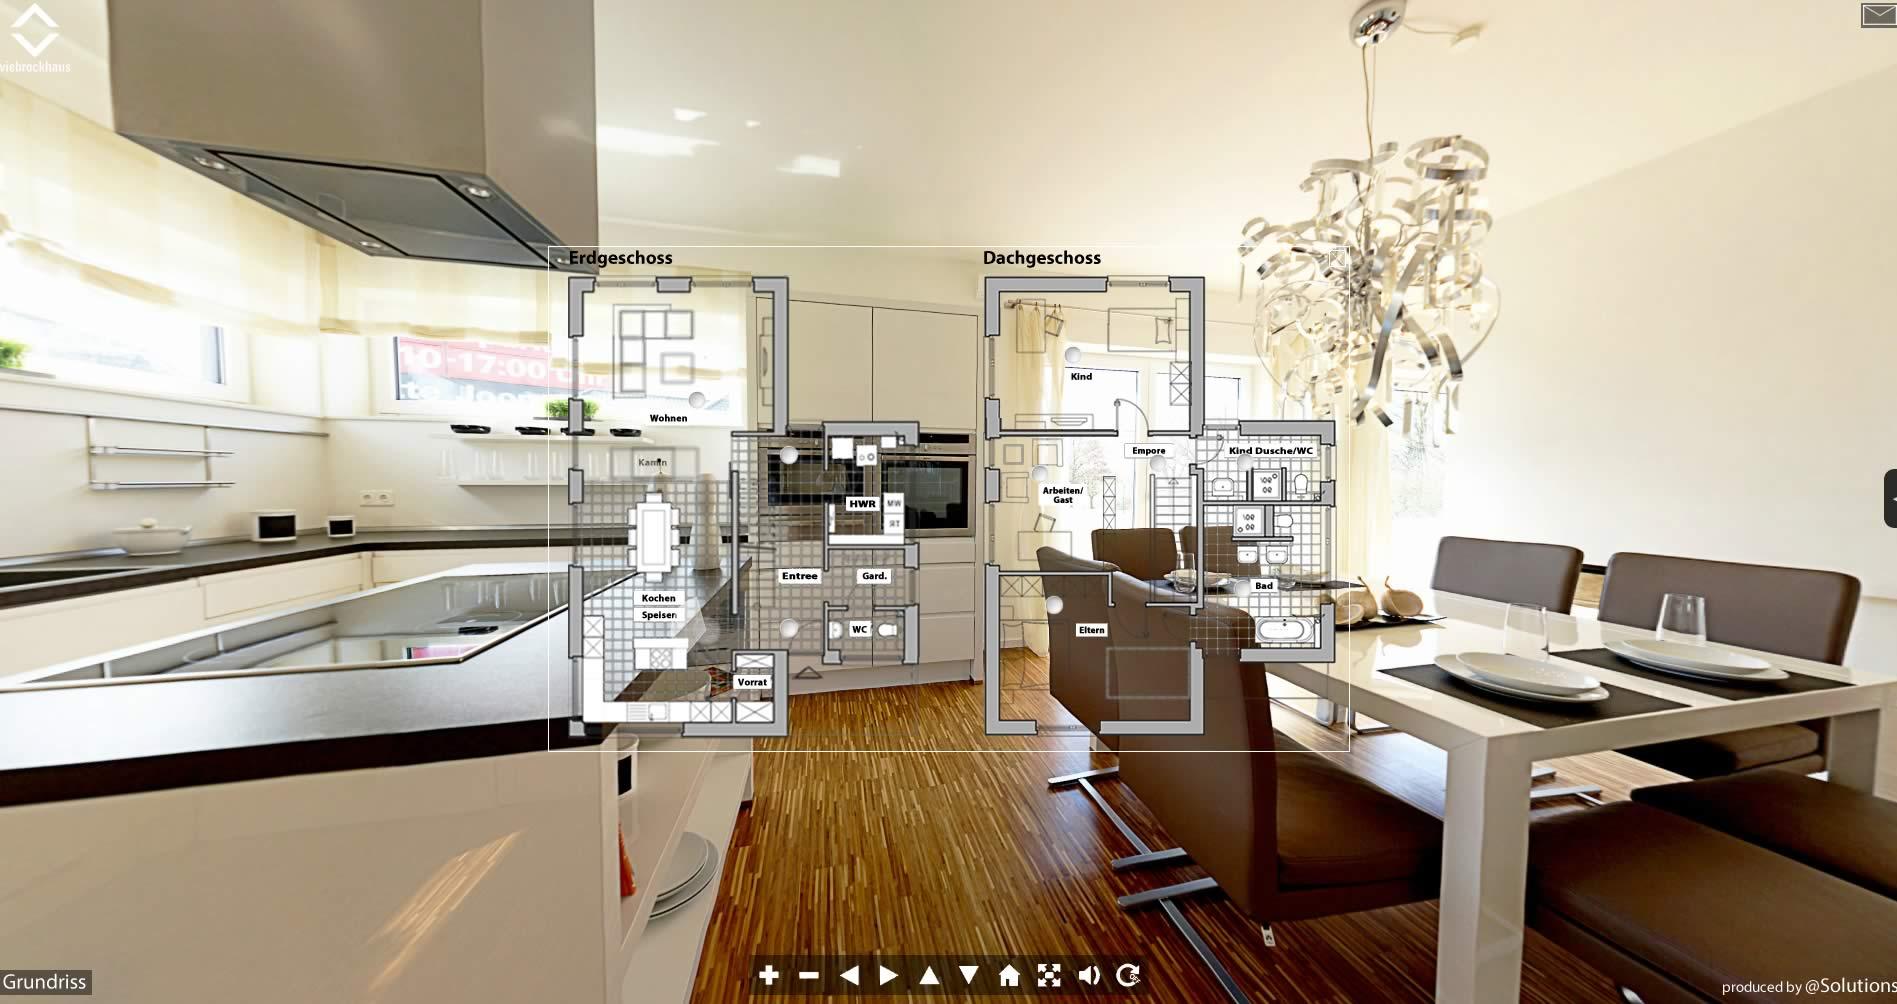 immobilien rundgang eine virtuelle 360 grad tour durch ihr objekt. Black Bedroom Furniture Sets. Home Design Ideas